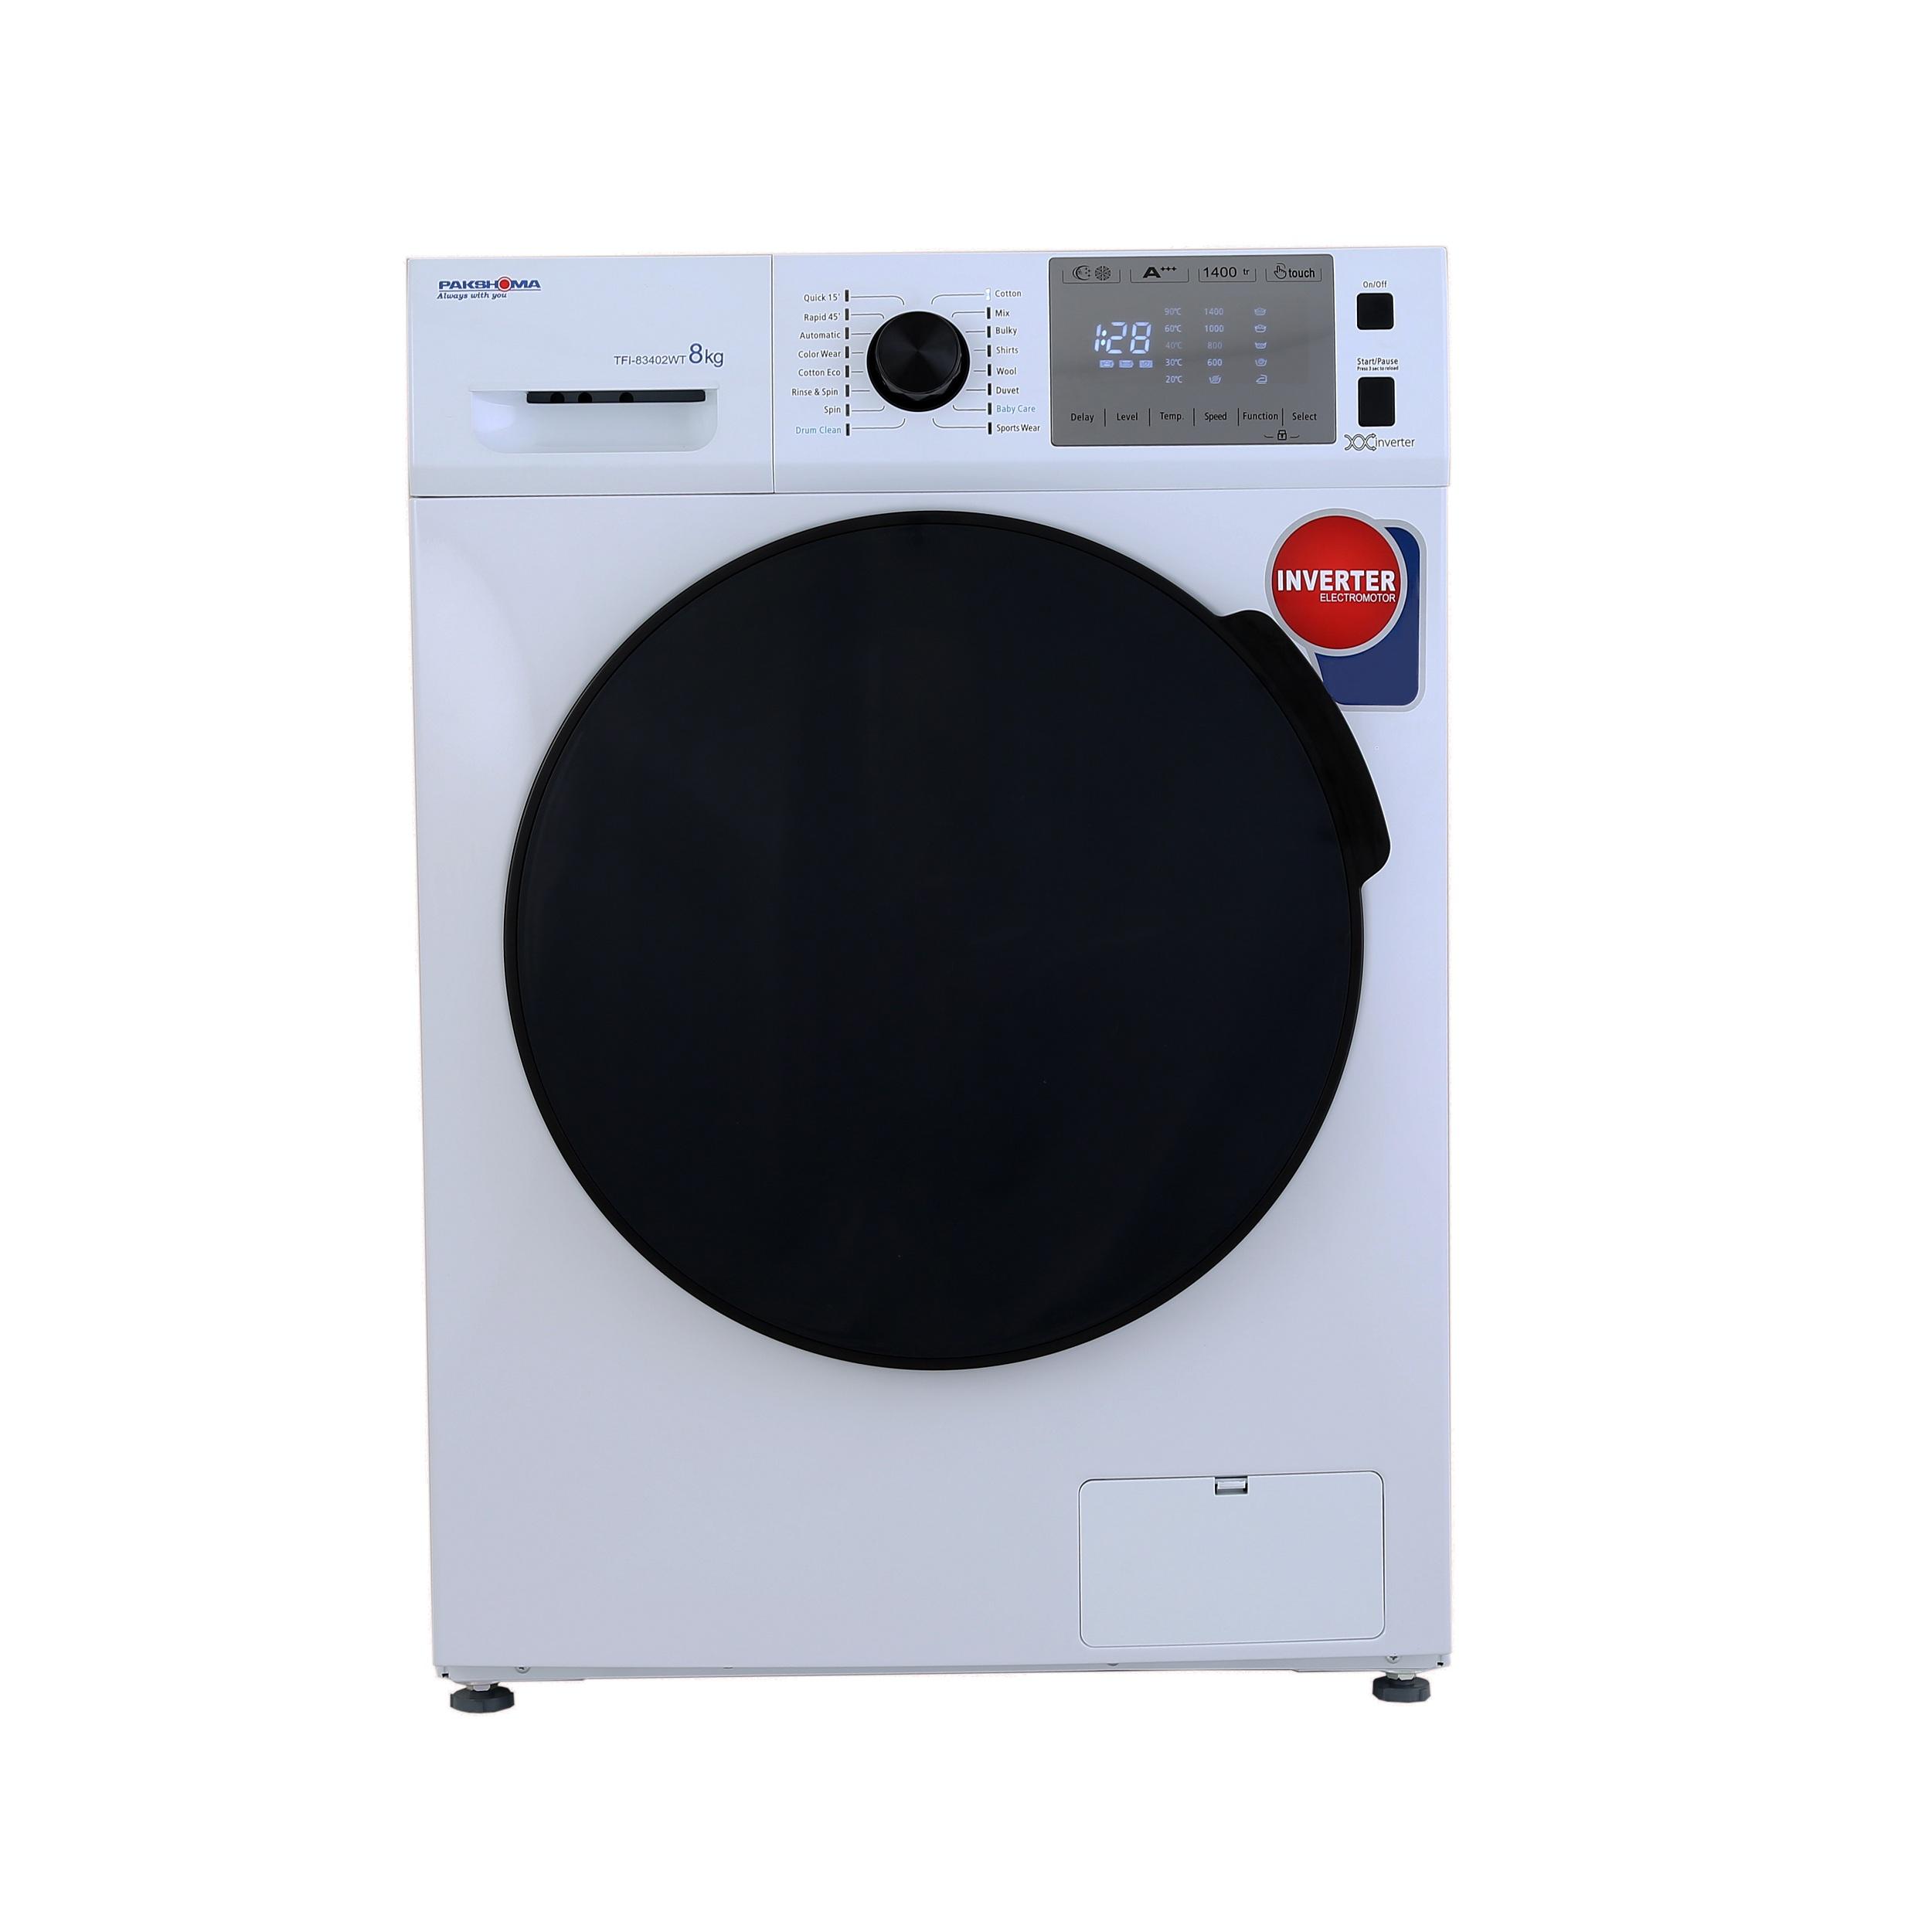 فروش نقدی و اقساطی ماشین لباسشویی پاکشوما مدل TFI 83402 ظرفیت 8 کیلوگرم